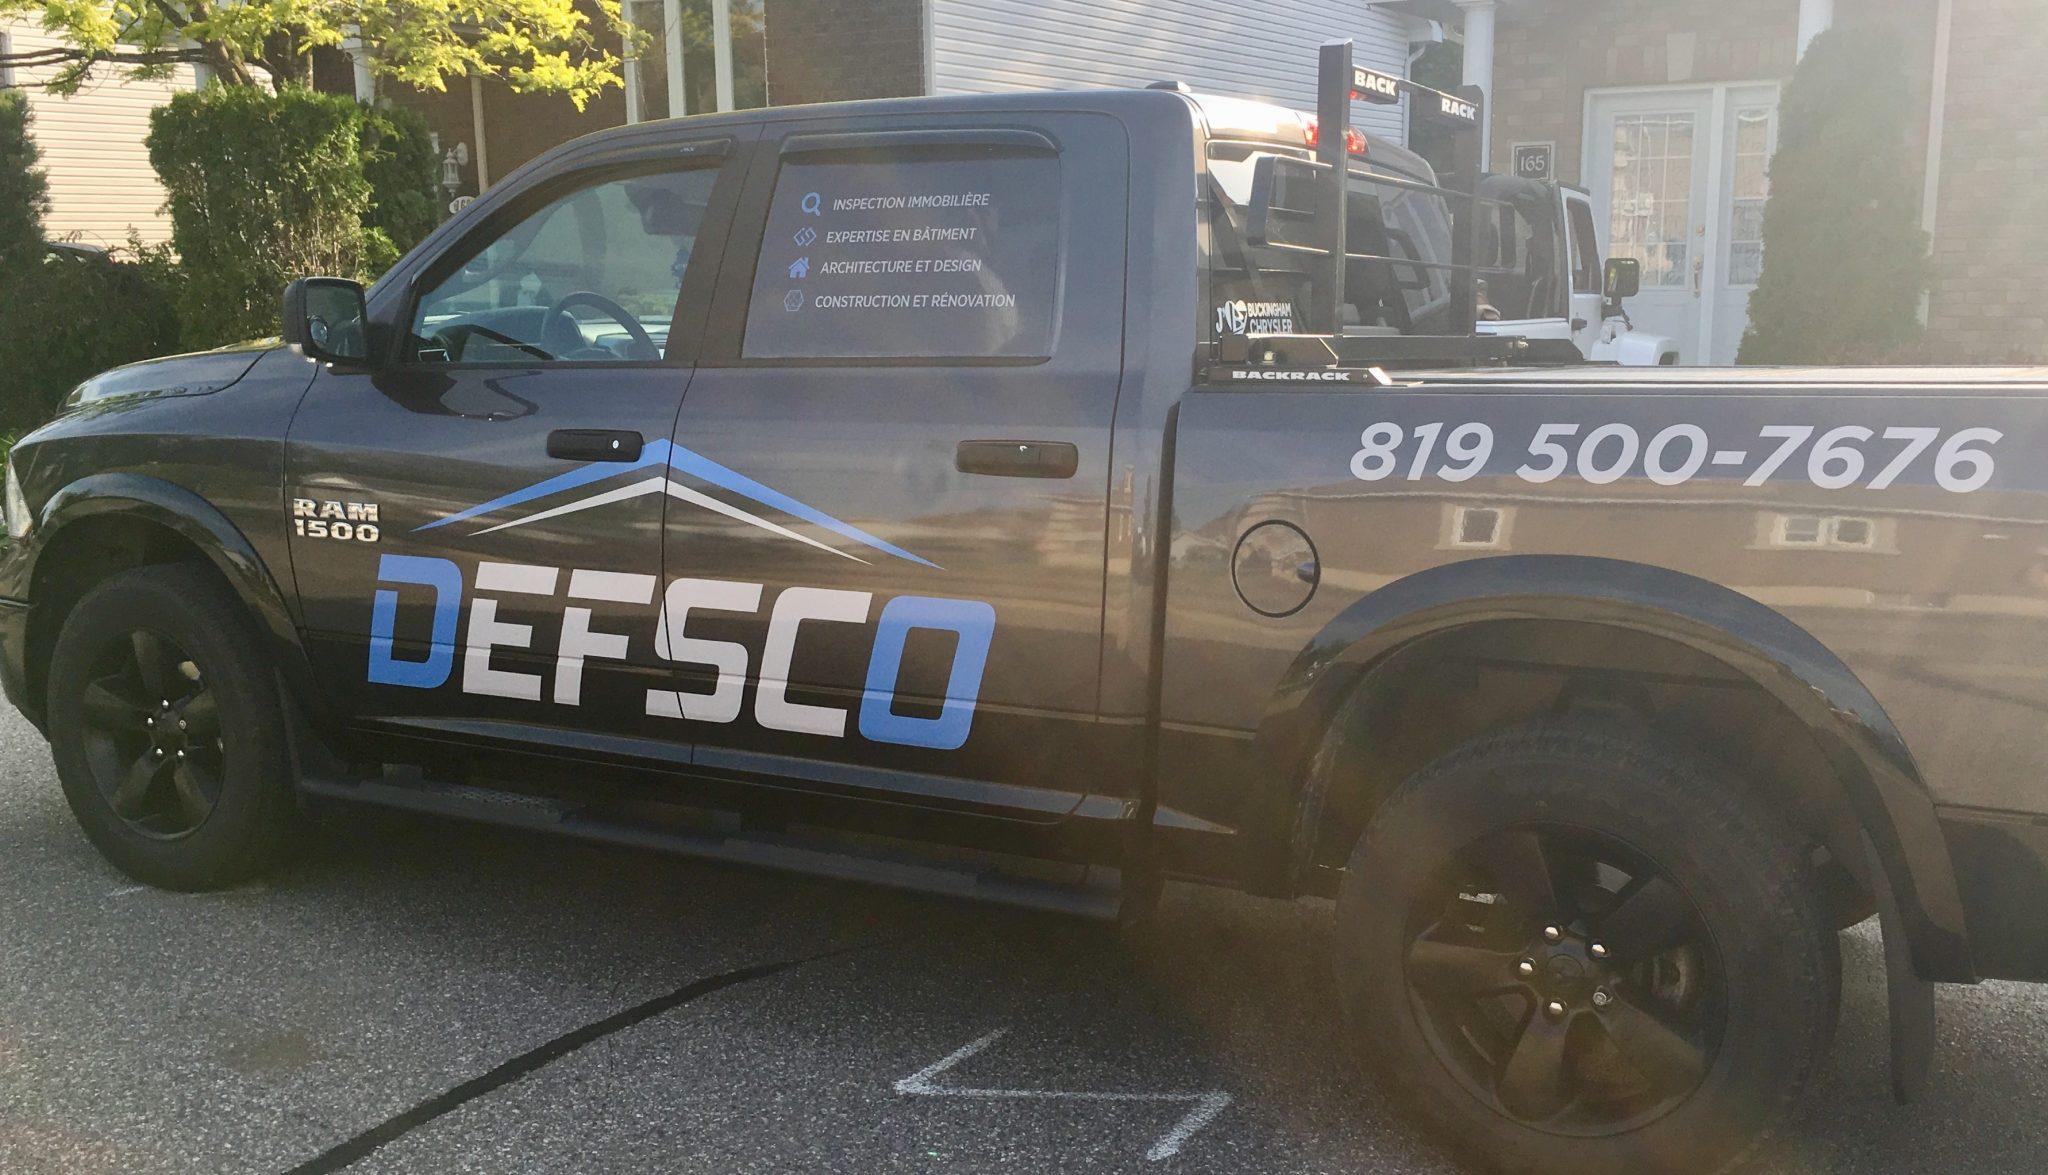 DEFSCO Truck